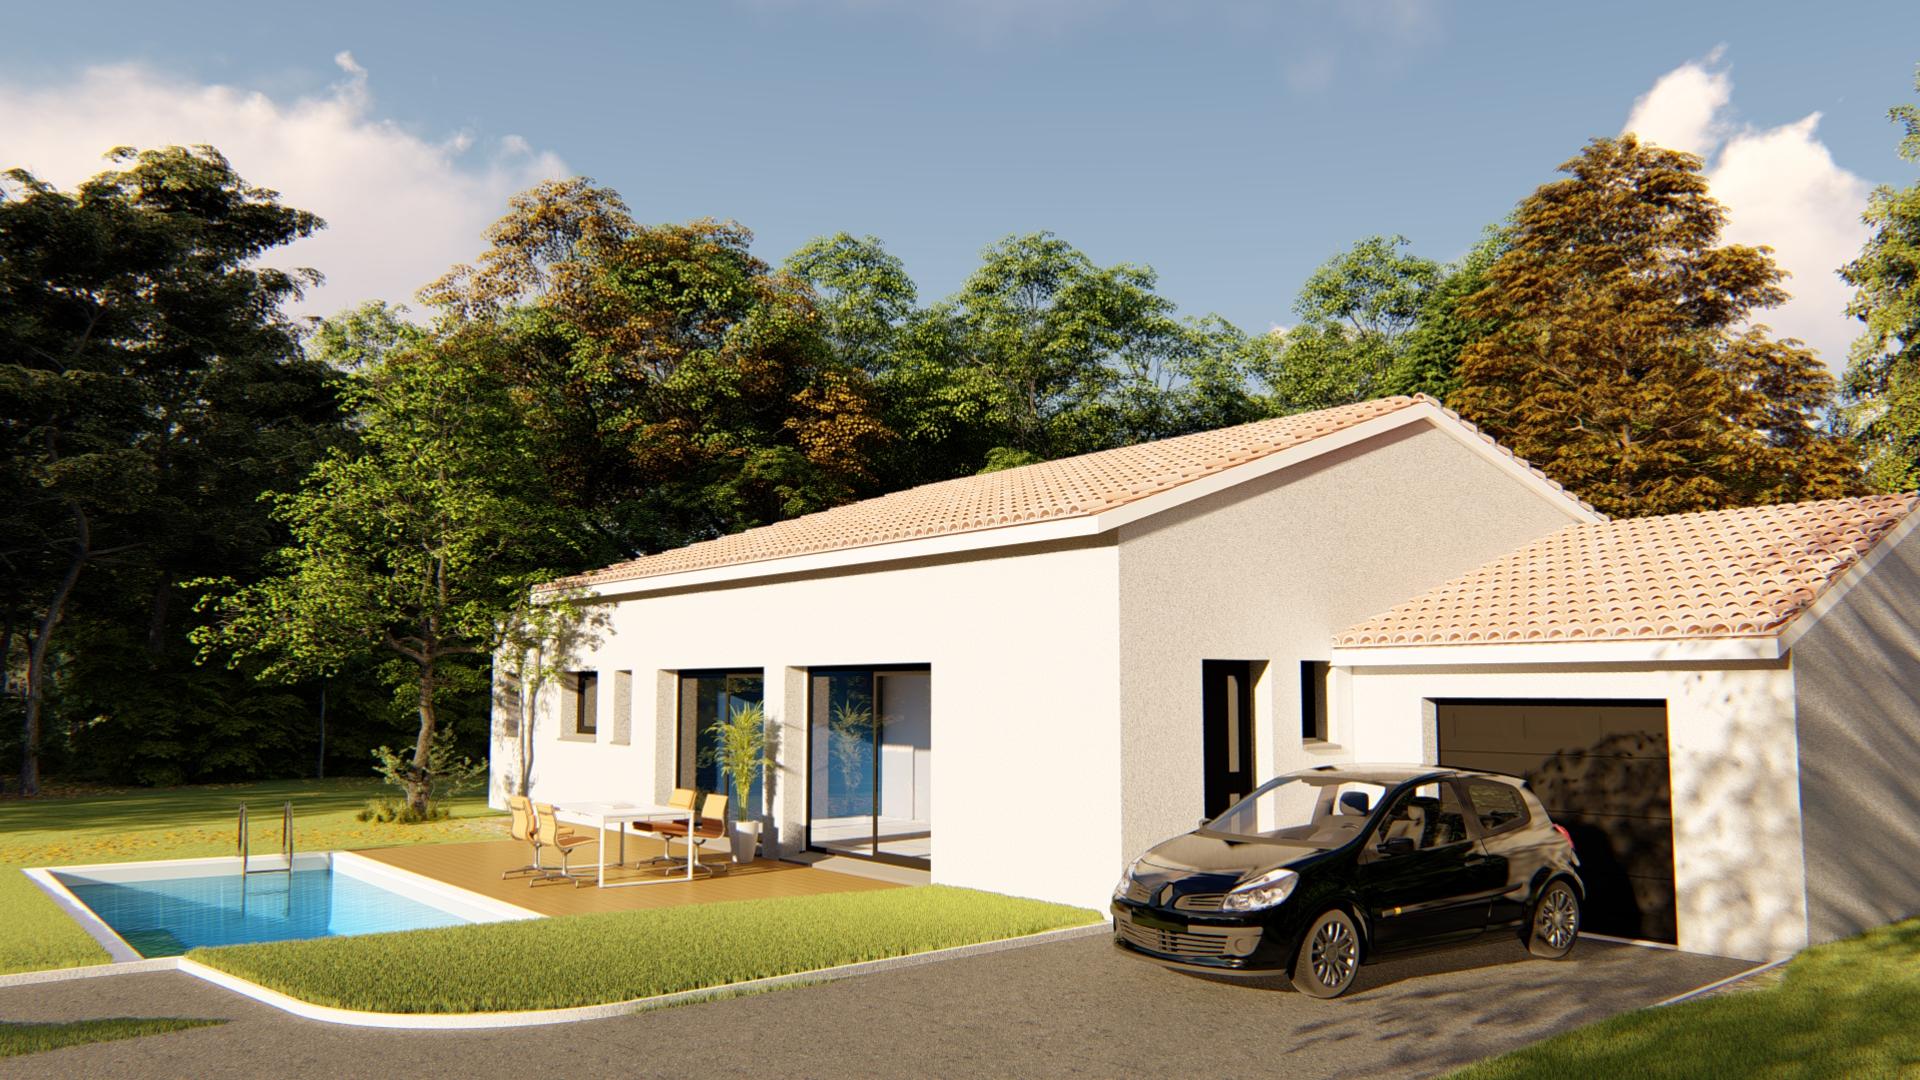 Maisons + Terrains du constructeur VILLAS SUD CREATION • 124 m² • VERFEIL